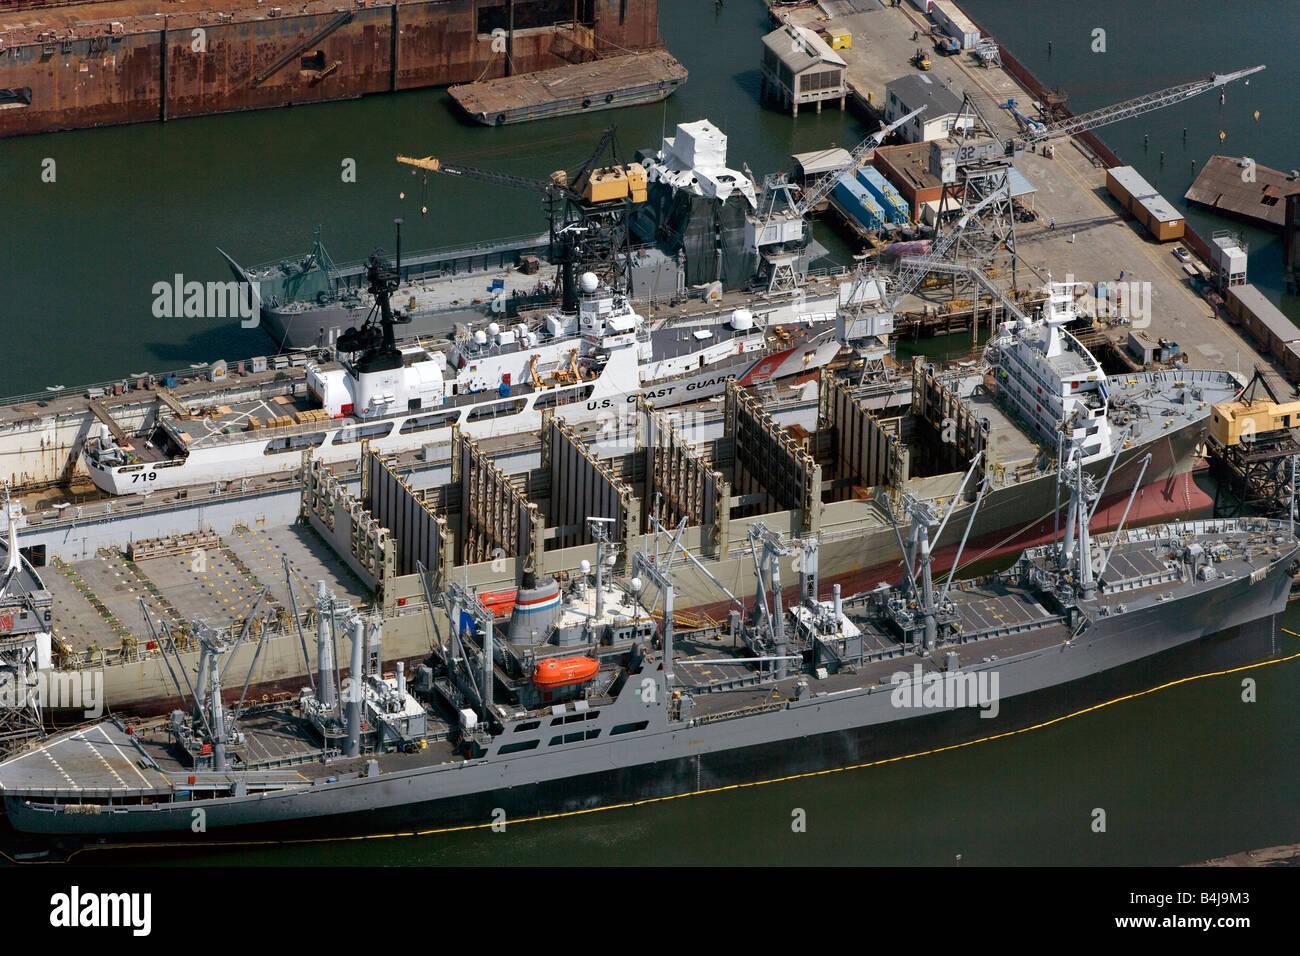 Por encima de la antena de San Francisco pier US Coast Guard buques de la Marina Mercante Foto de stock